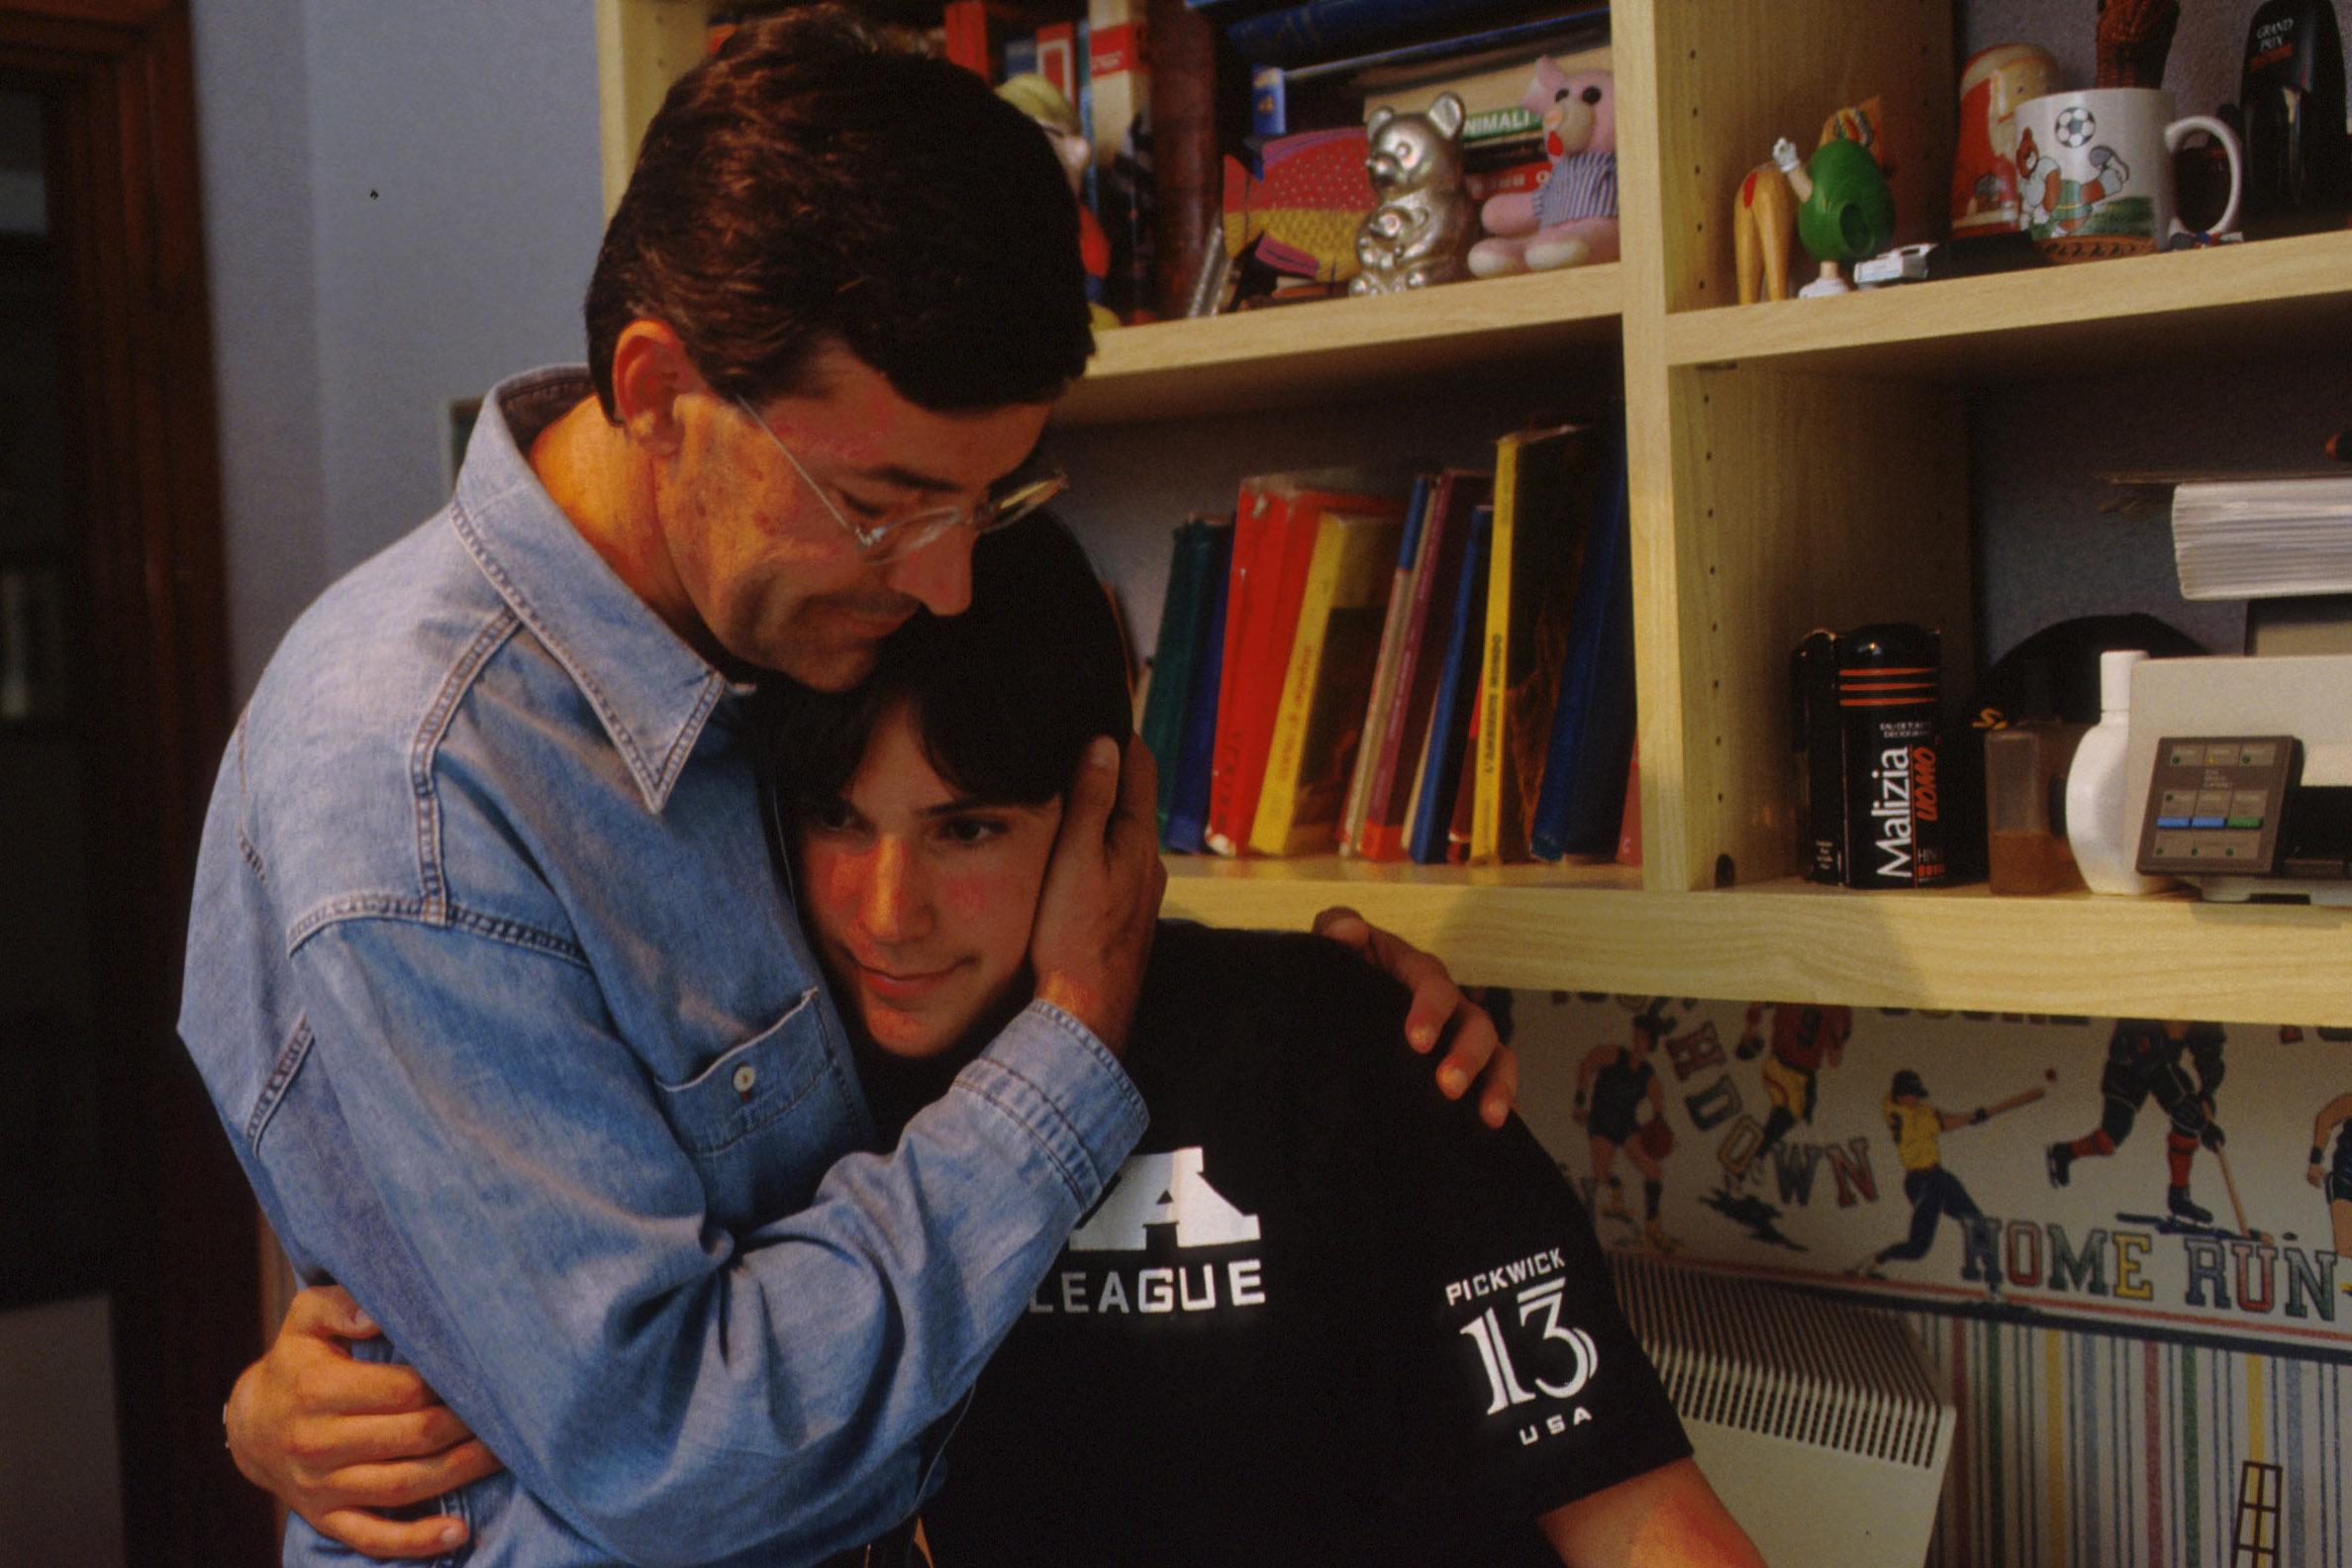 La Presenza di Adolescenti in Famiglia: Significato, Risorse e Problemi